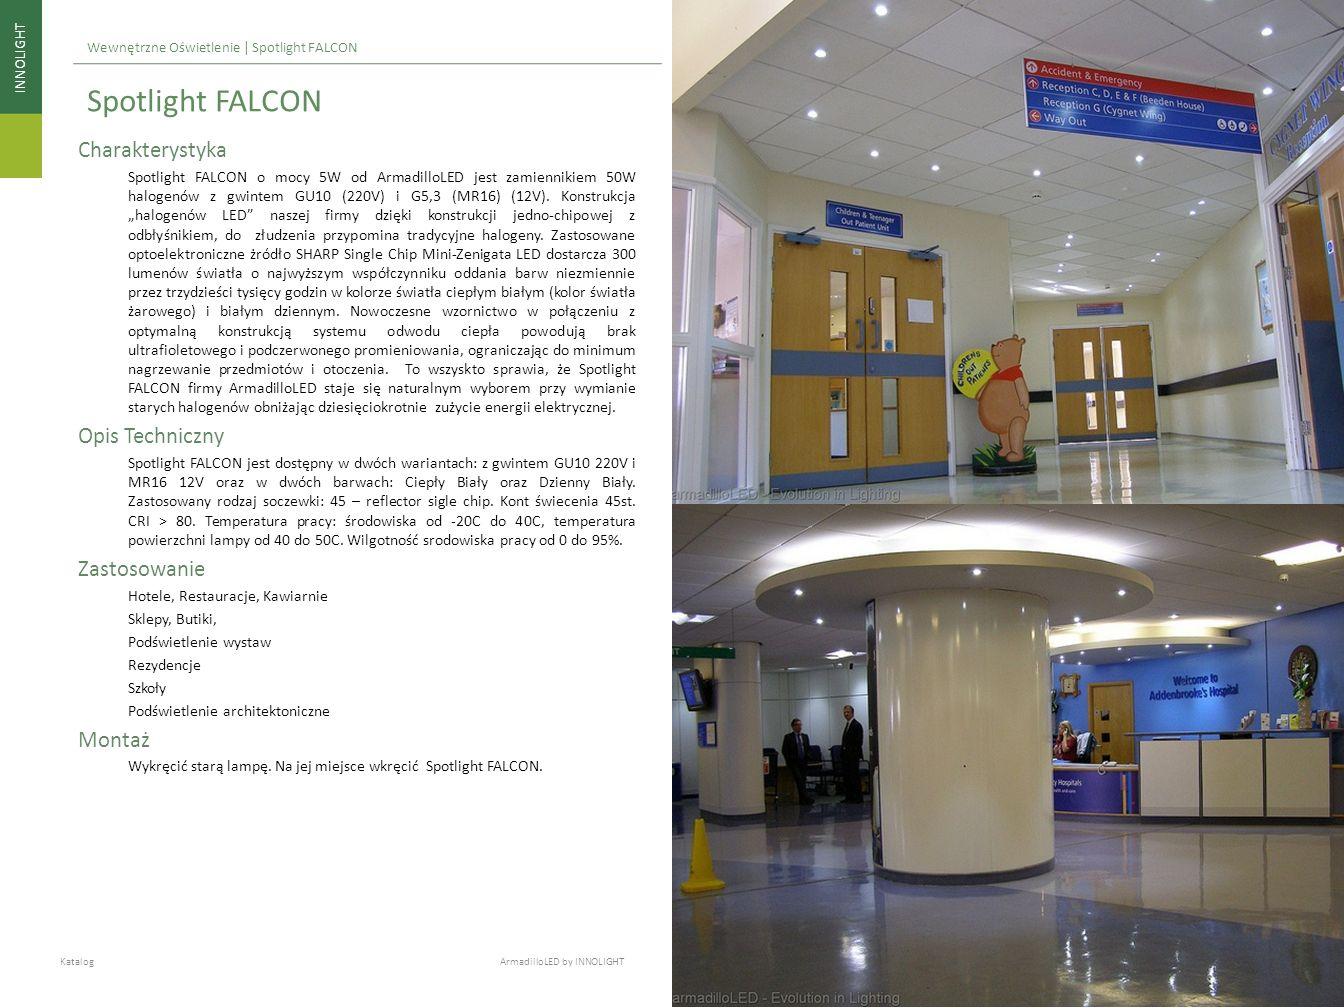 INNOLIGHT Katalog ArmadilloLED by INNOLIGHT Wewnętrzne Oświetlenie | Spotlight FALCON Charakterystyka Spotlight FALCON o mocy 5W od ArmadilloLED jest